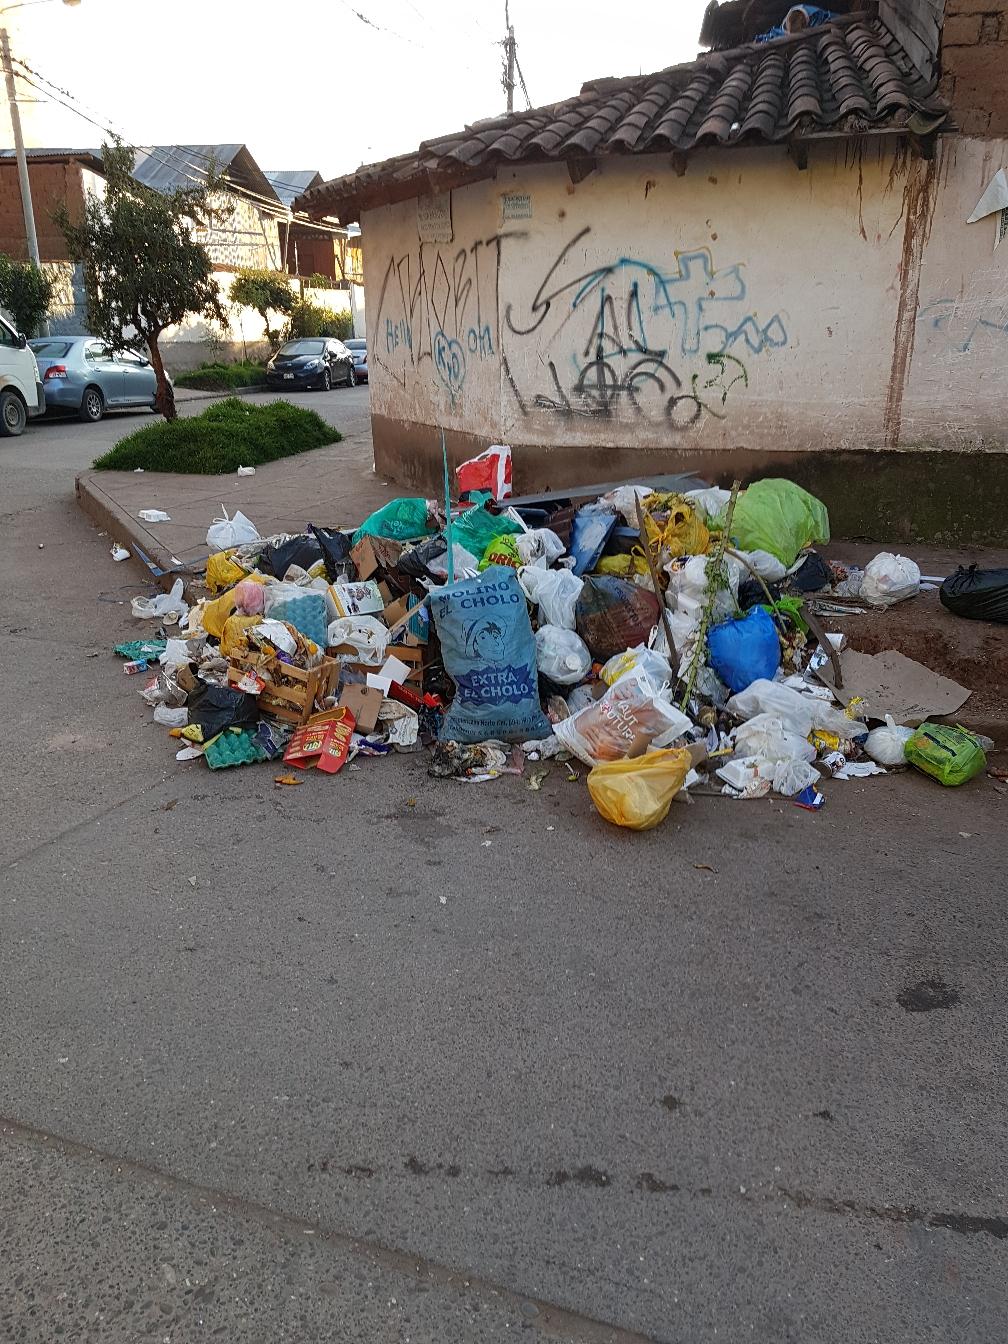 Müll an unserer Straßenecke, Mülltrennung gibt es nicht.